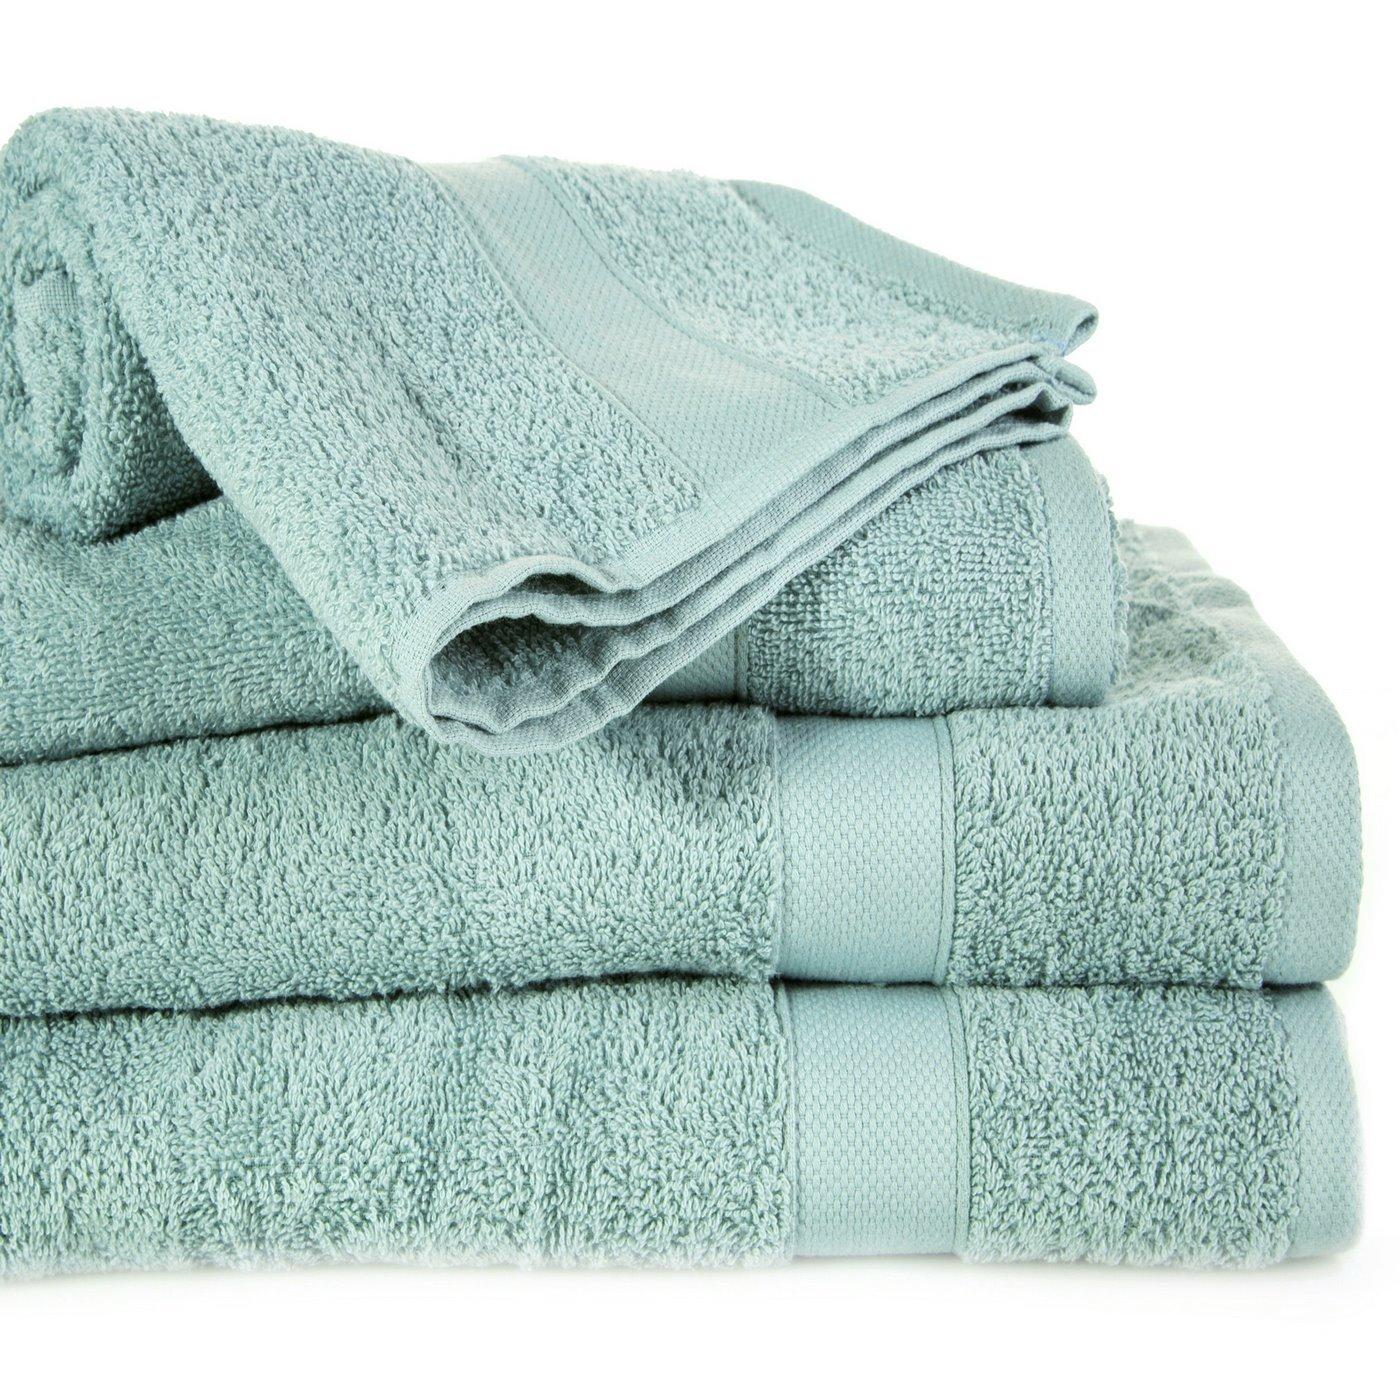 Miękki chłonny ręcznik kąpielowy miętowy 50x90